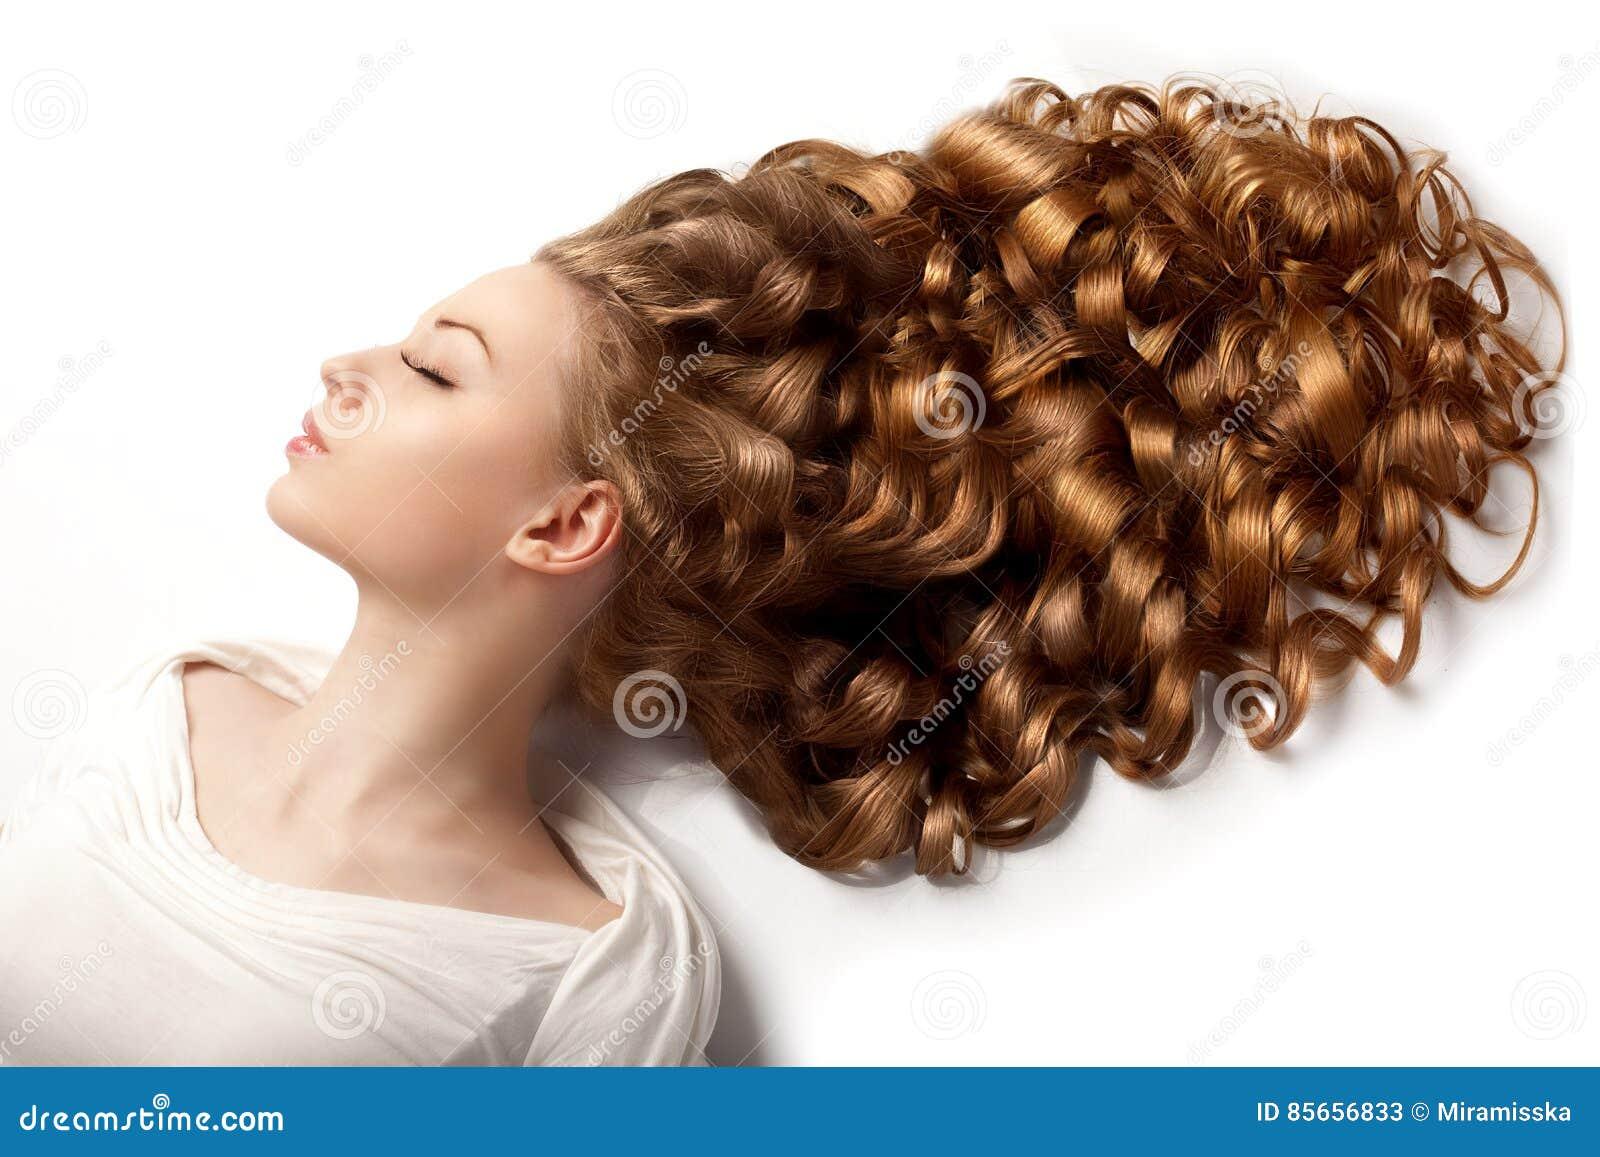 Fashion Beauty Salon: Salon Fashion Hair Model Stock Photography